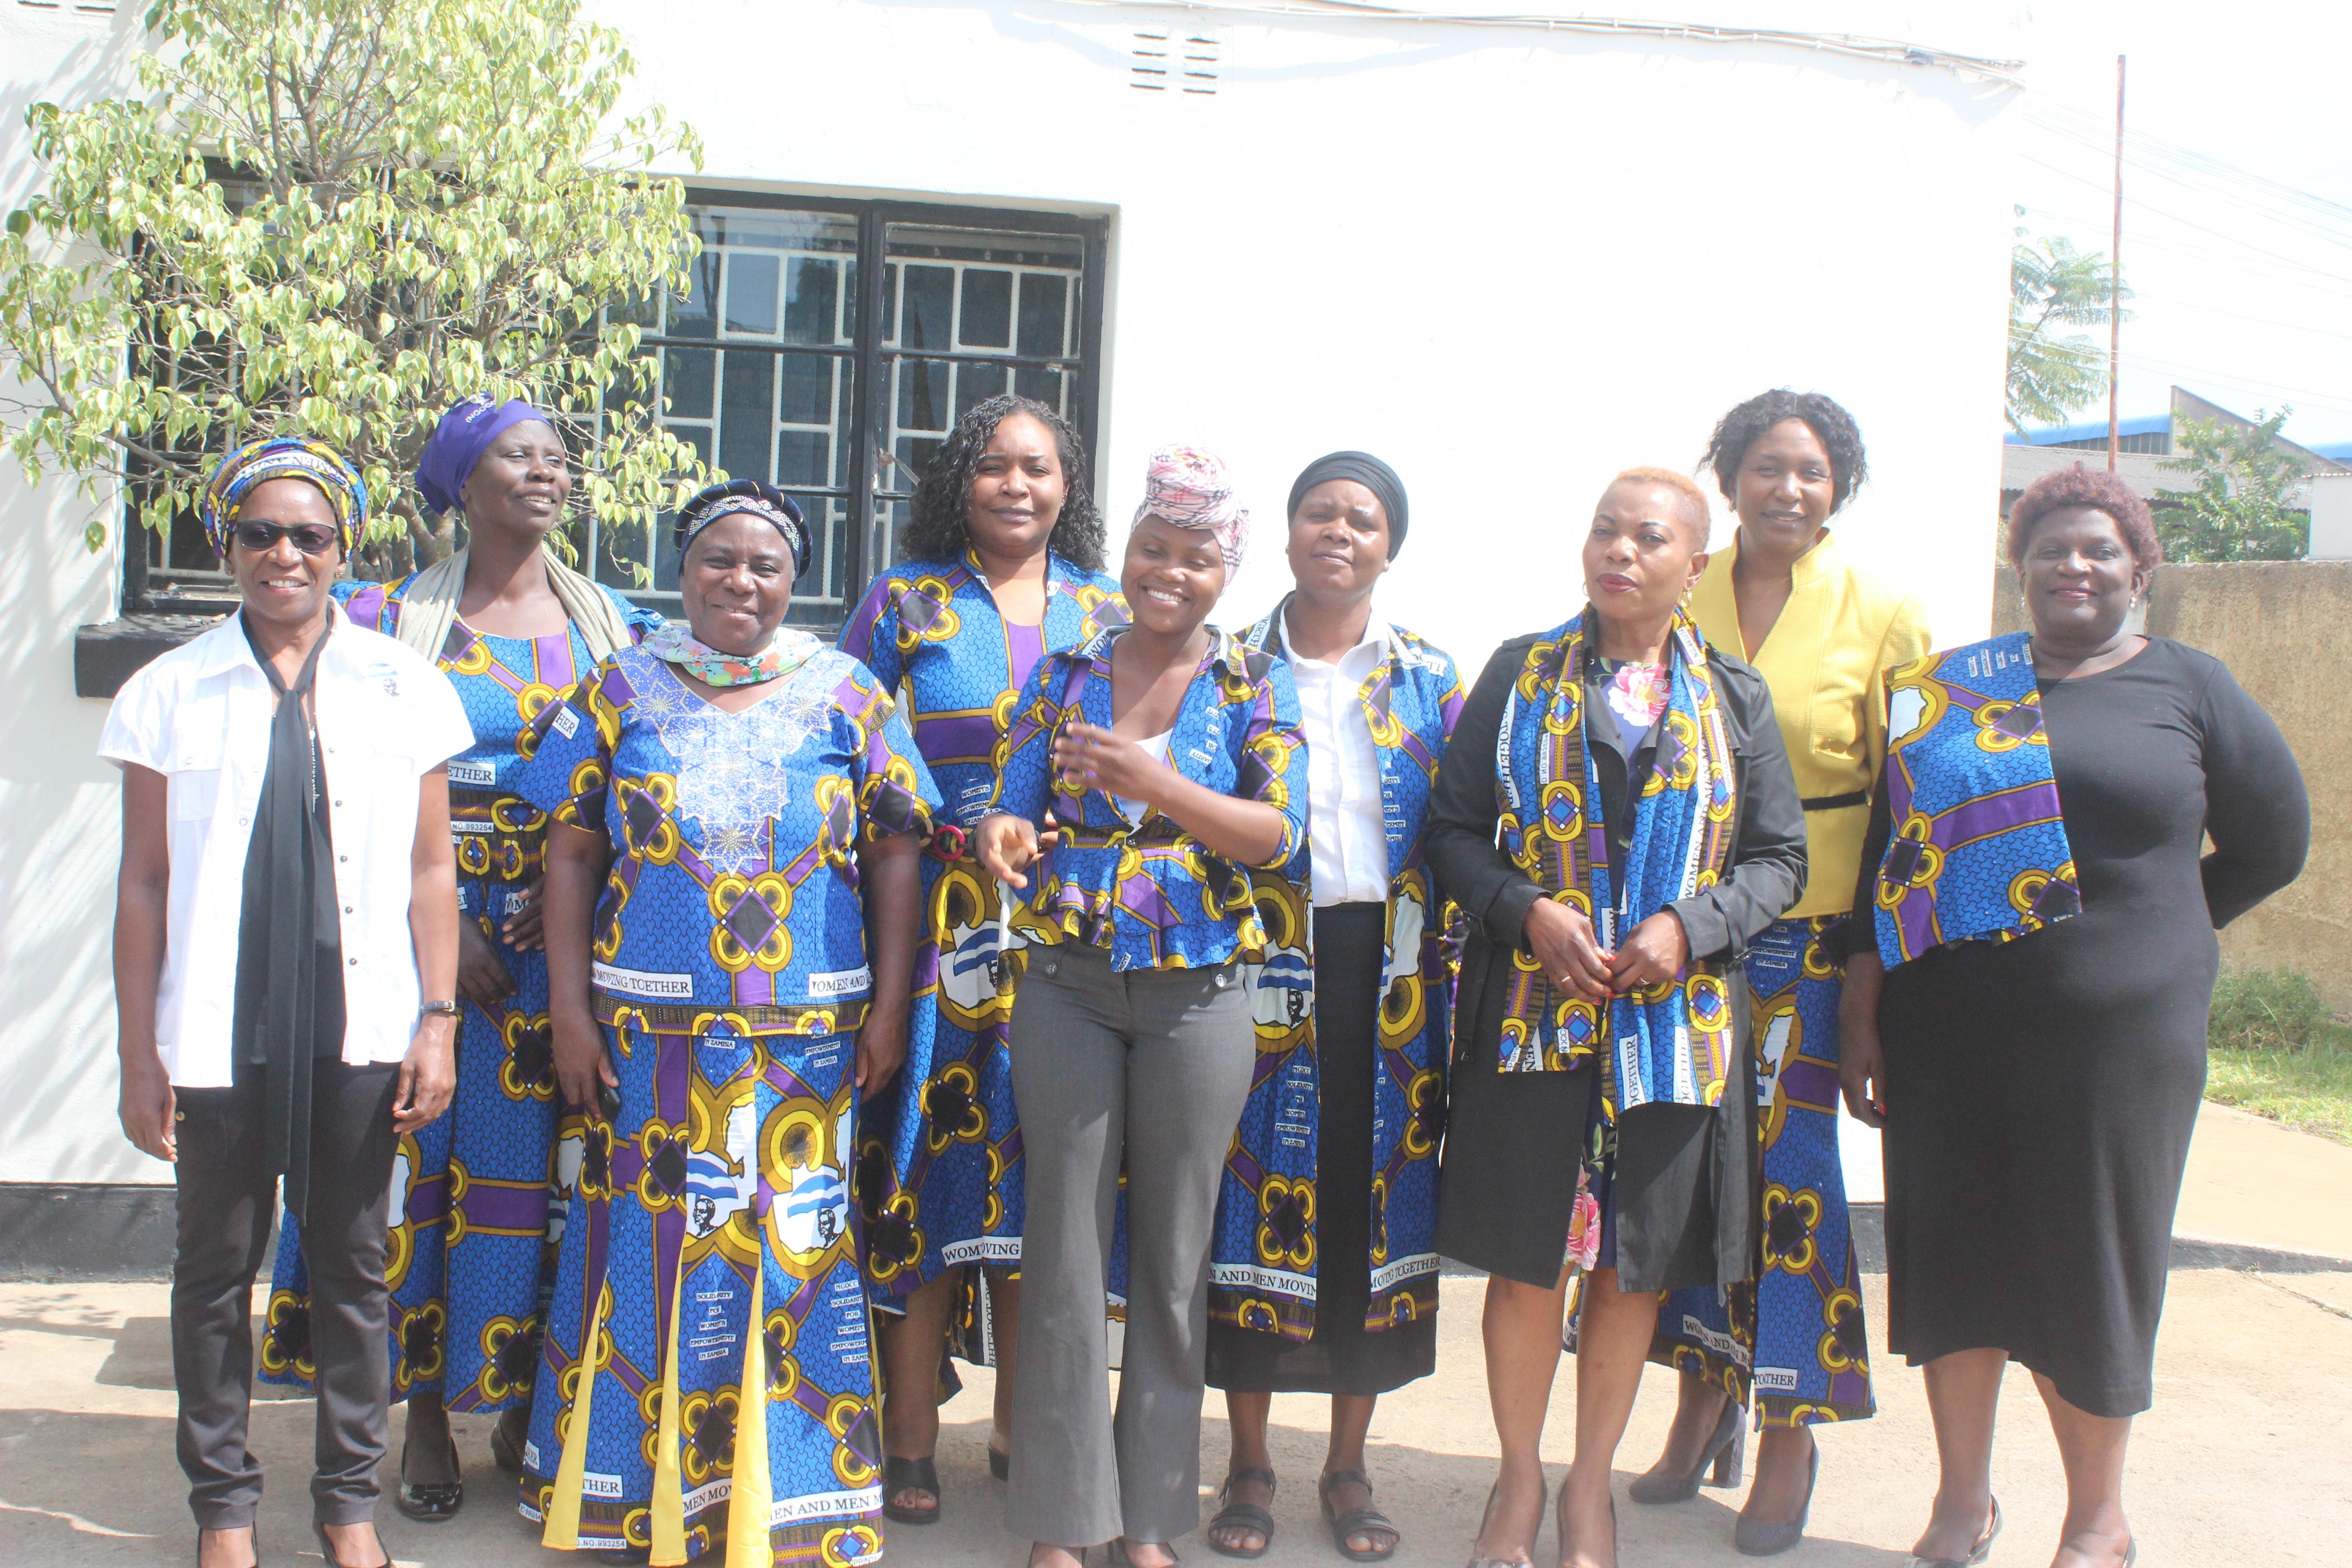 MARY MULENGA IS NEW NGOCC CHAIR